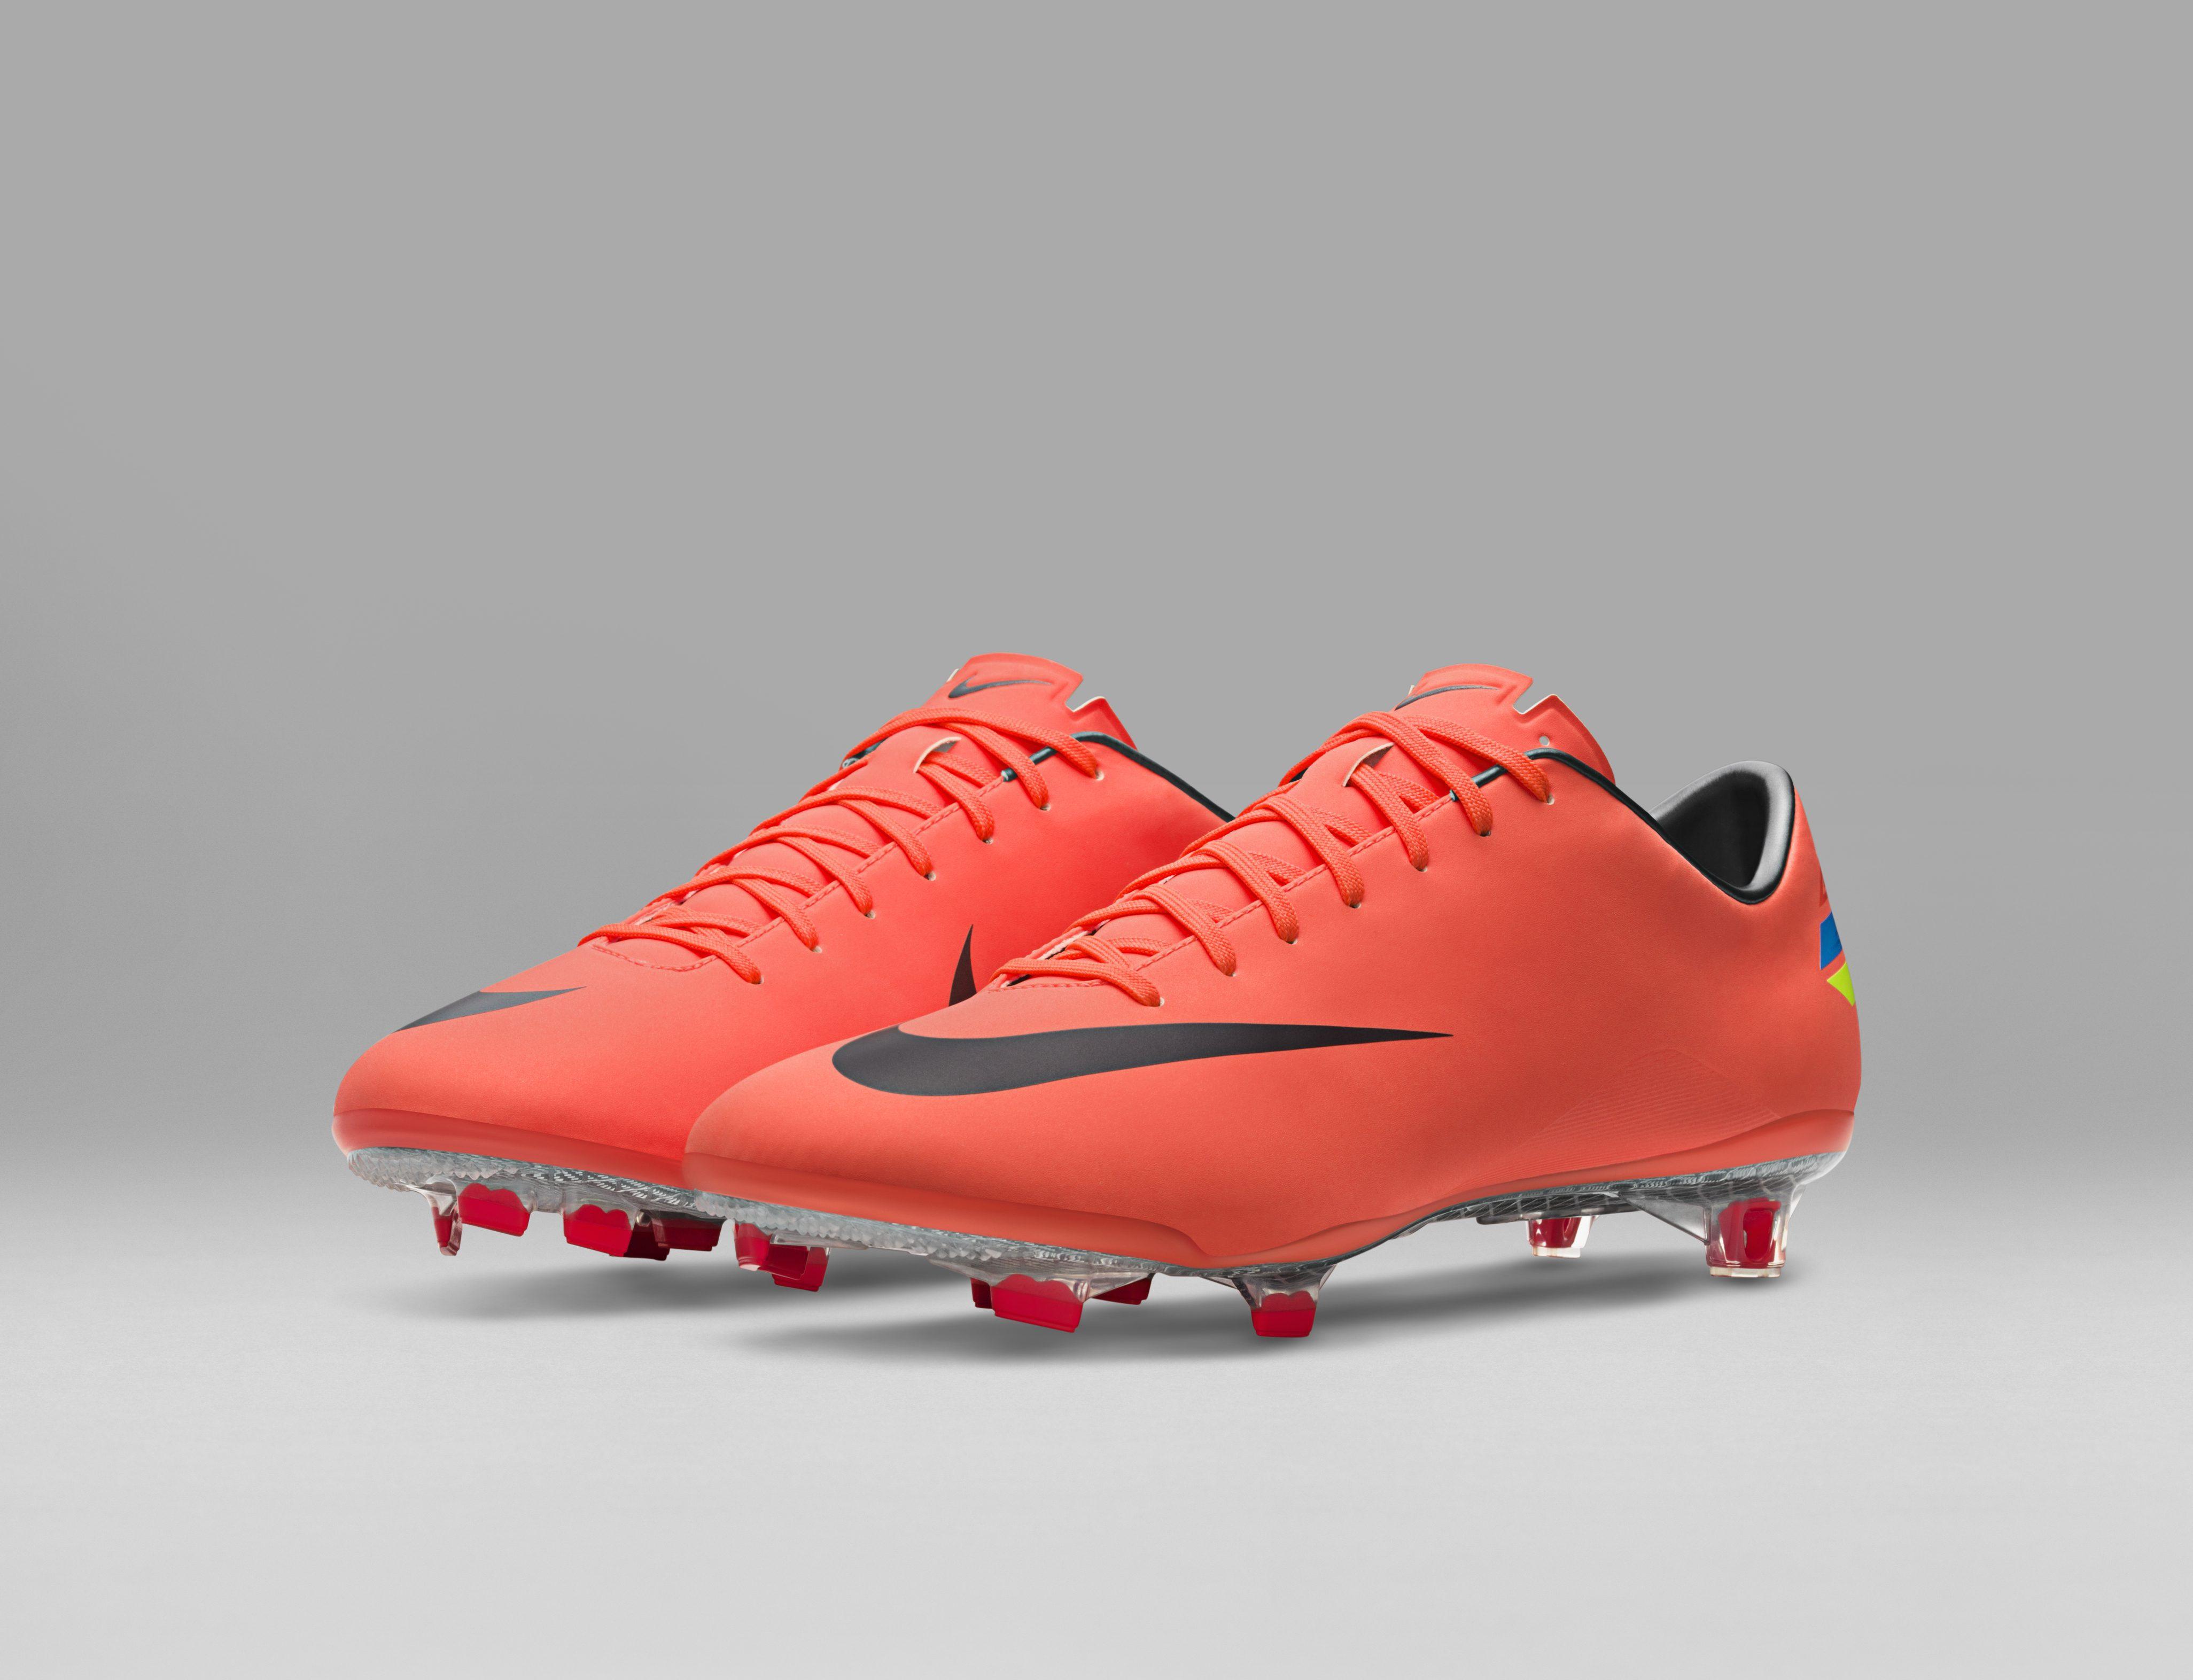 2011_Nike_Mercurial_Vapor_VIII_55736.jpg